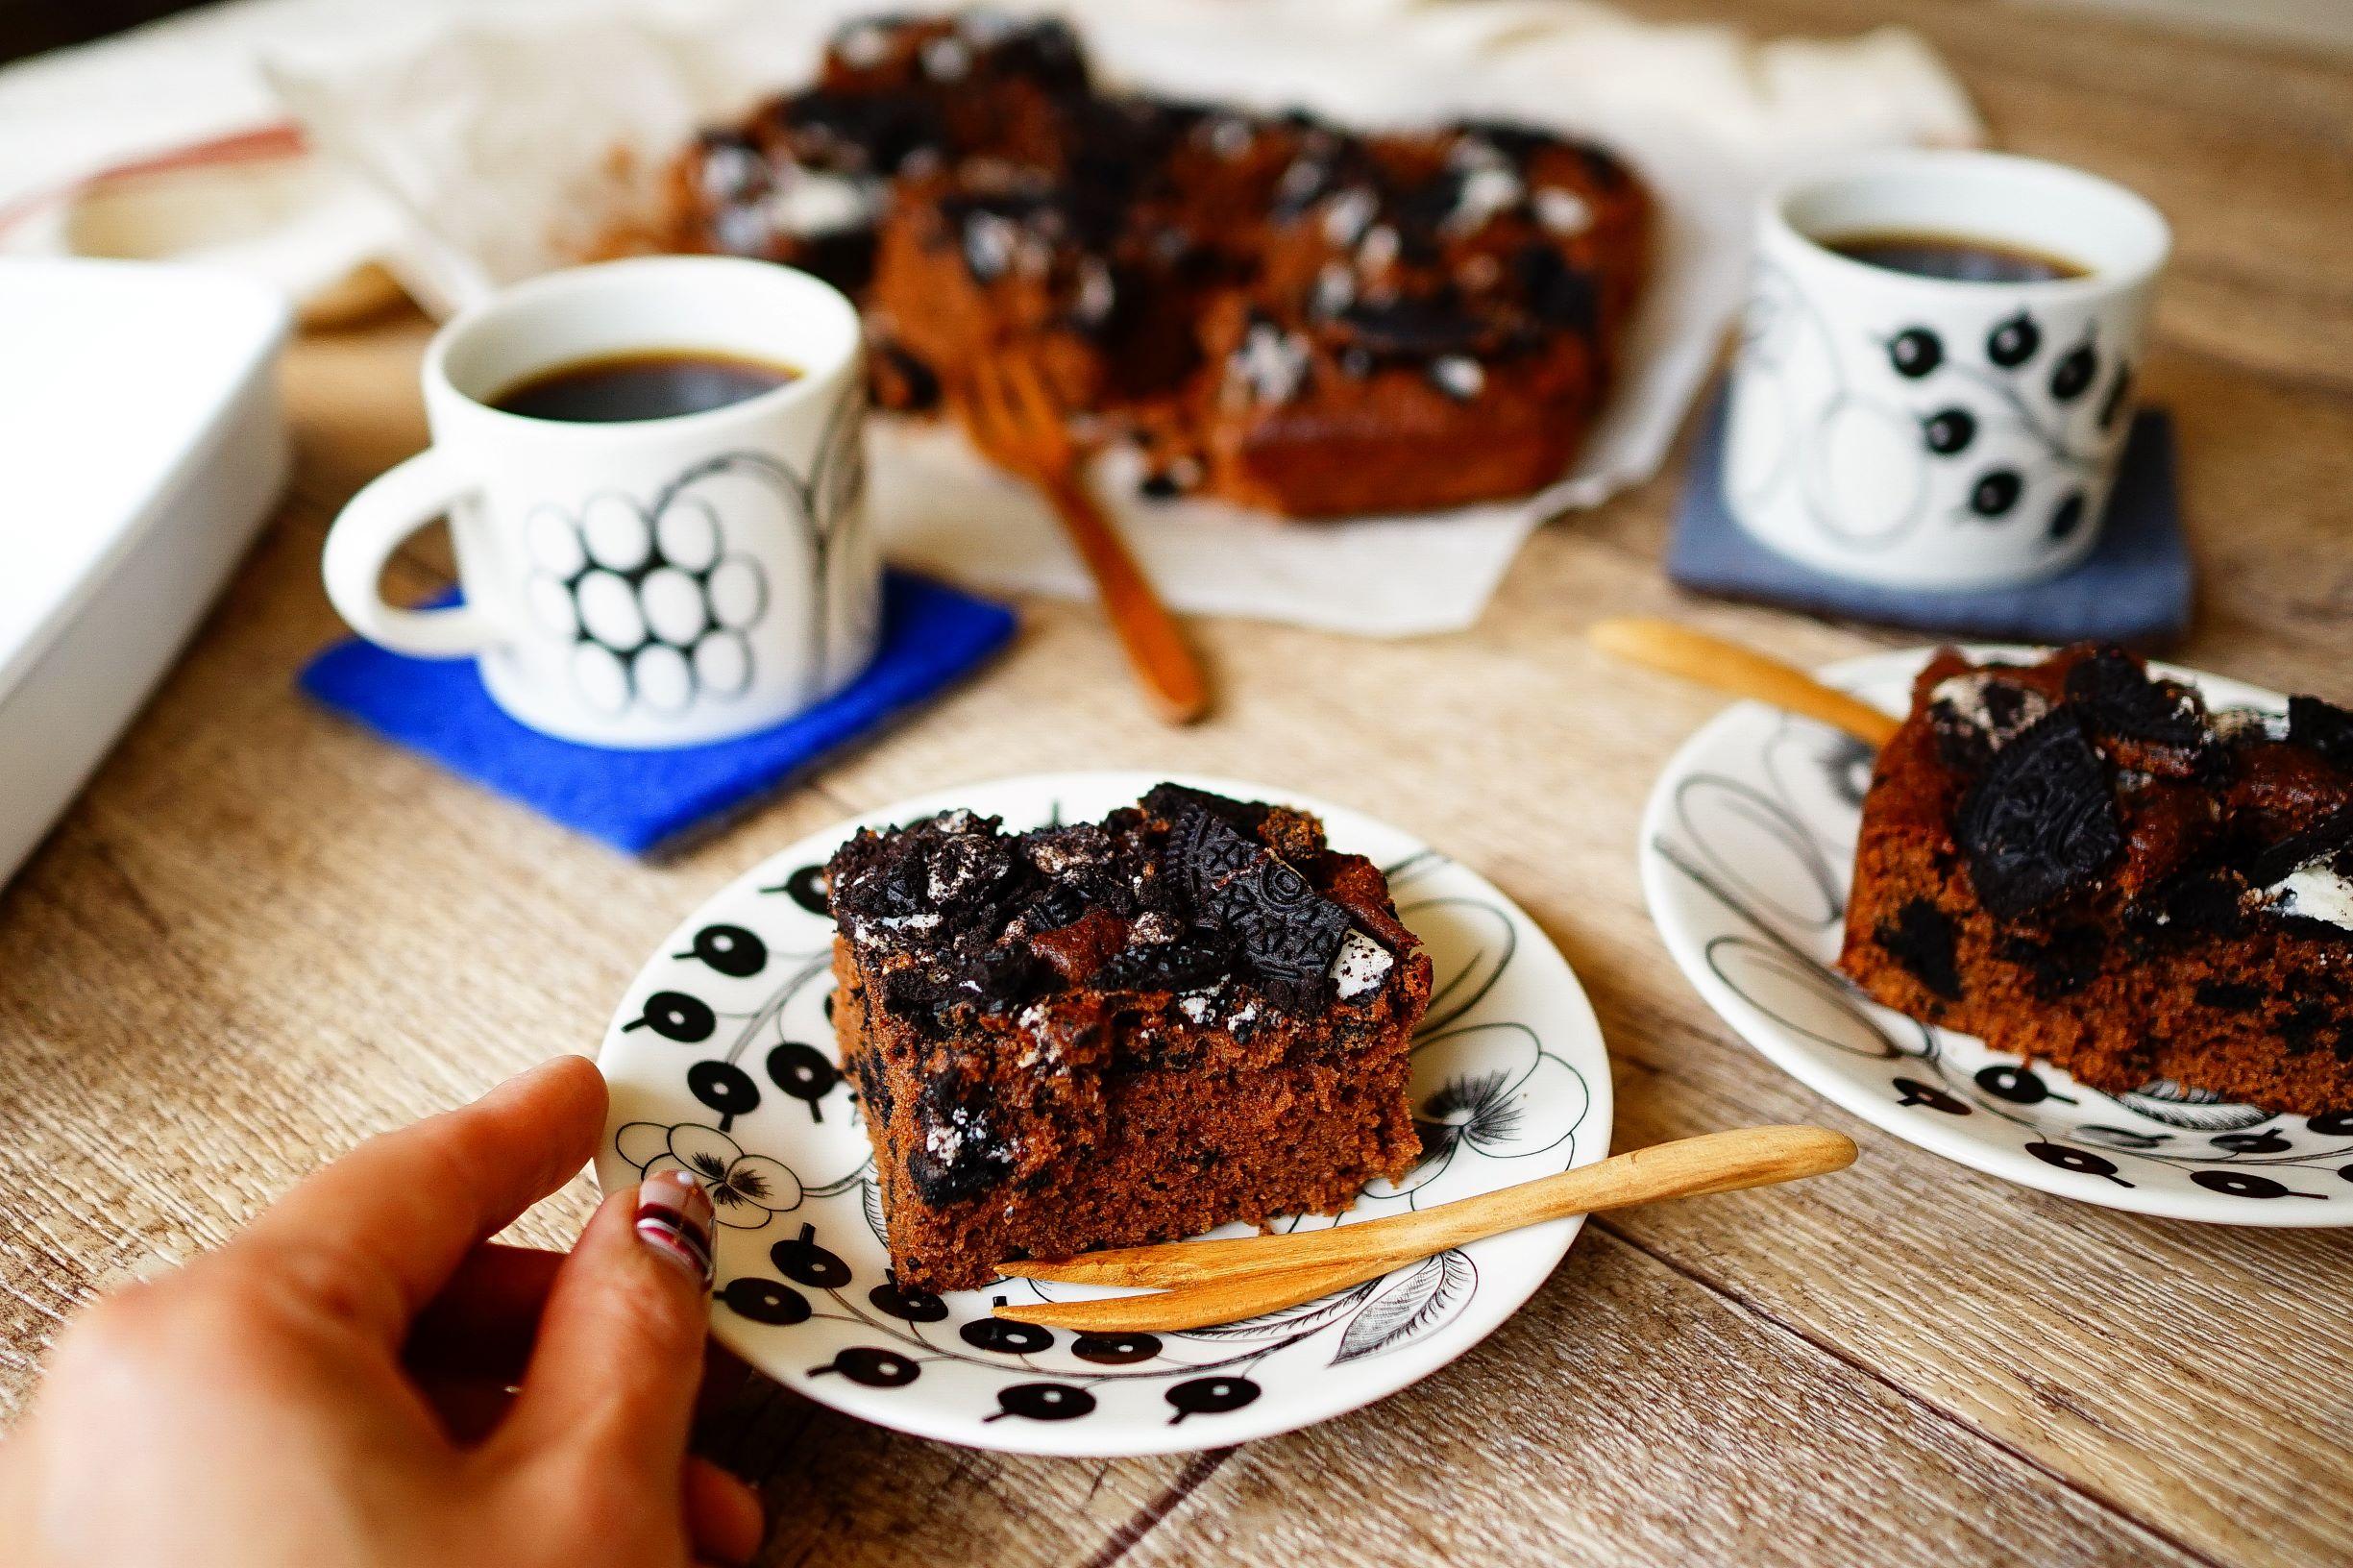 【desakiレシピ㉑】ホットケーキミックスで作る♪「オレオブラウニー」